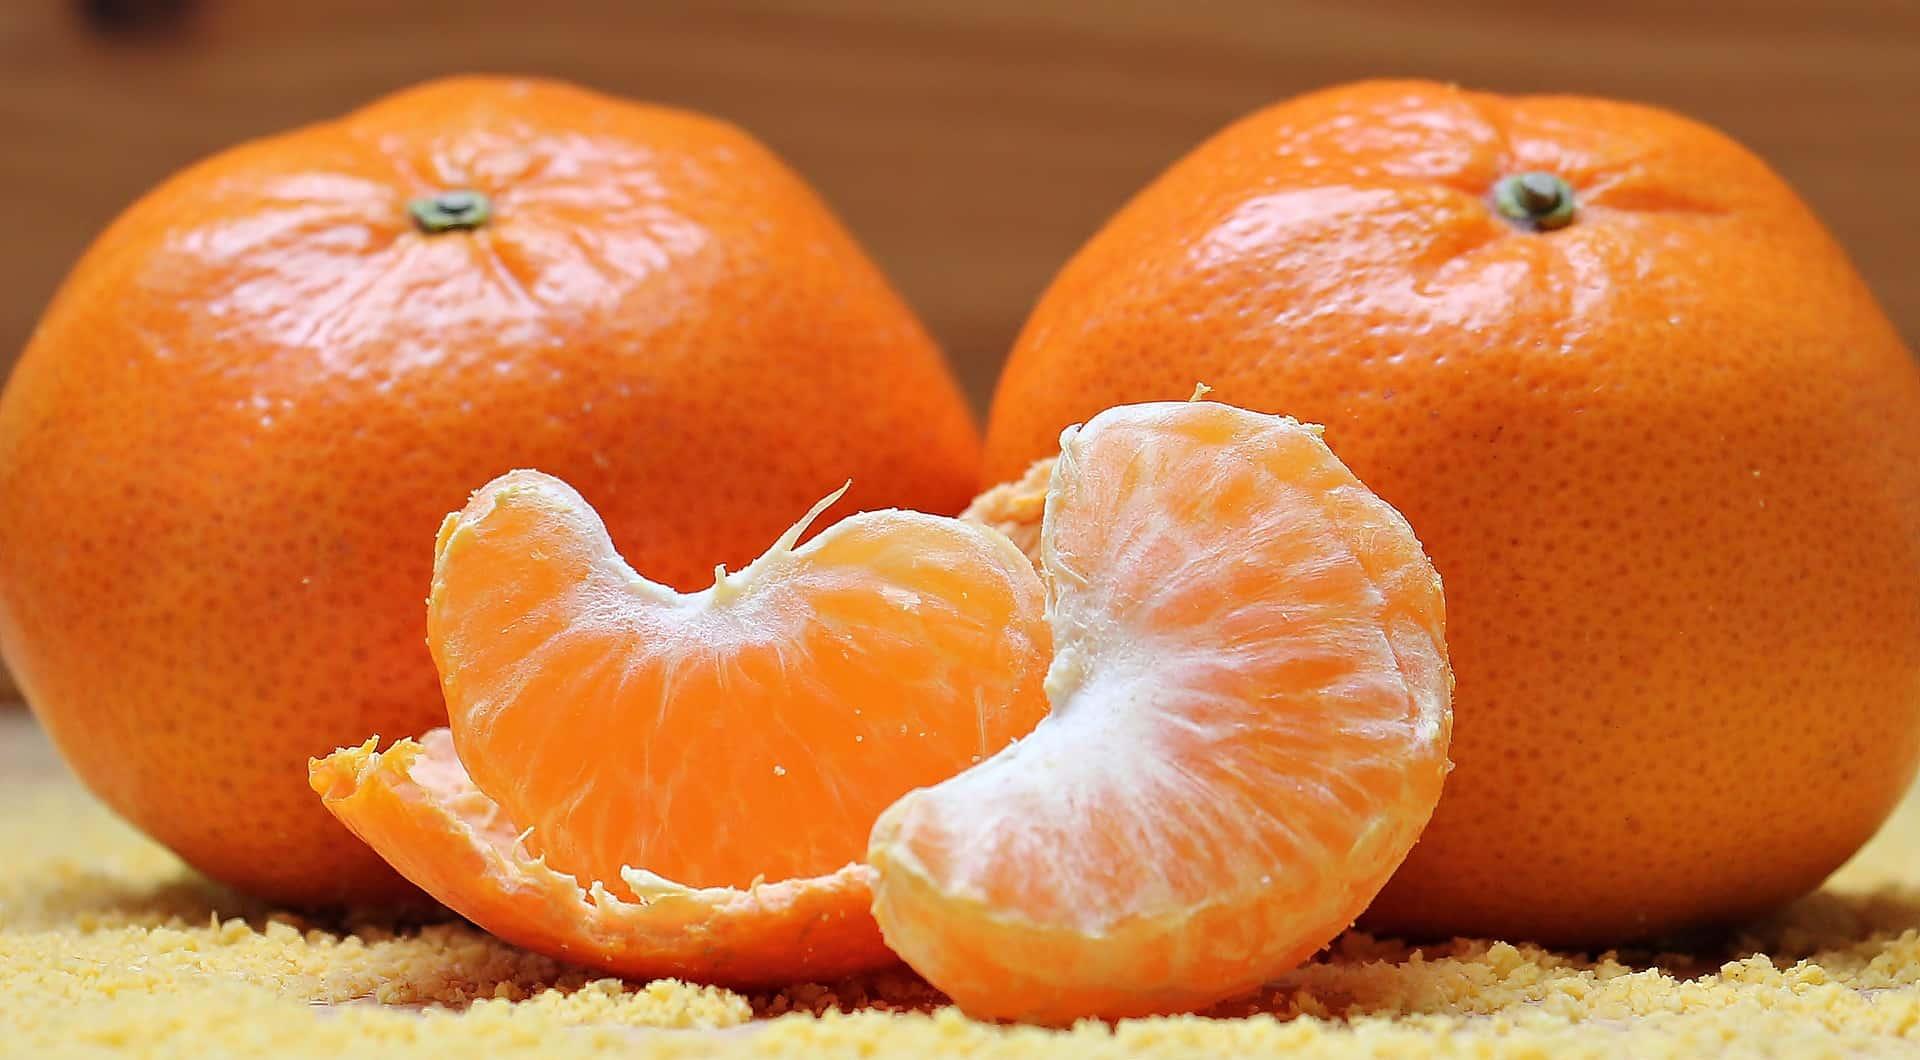 BEZ NJIH JE TEŠKO ZAMISLITI JESEN! Pet razloga zbog kojih trebamo češće jesti mandarine